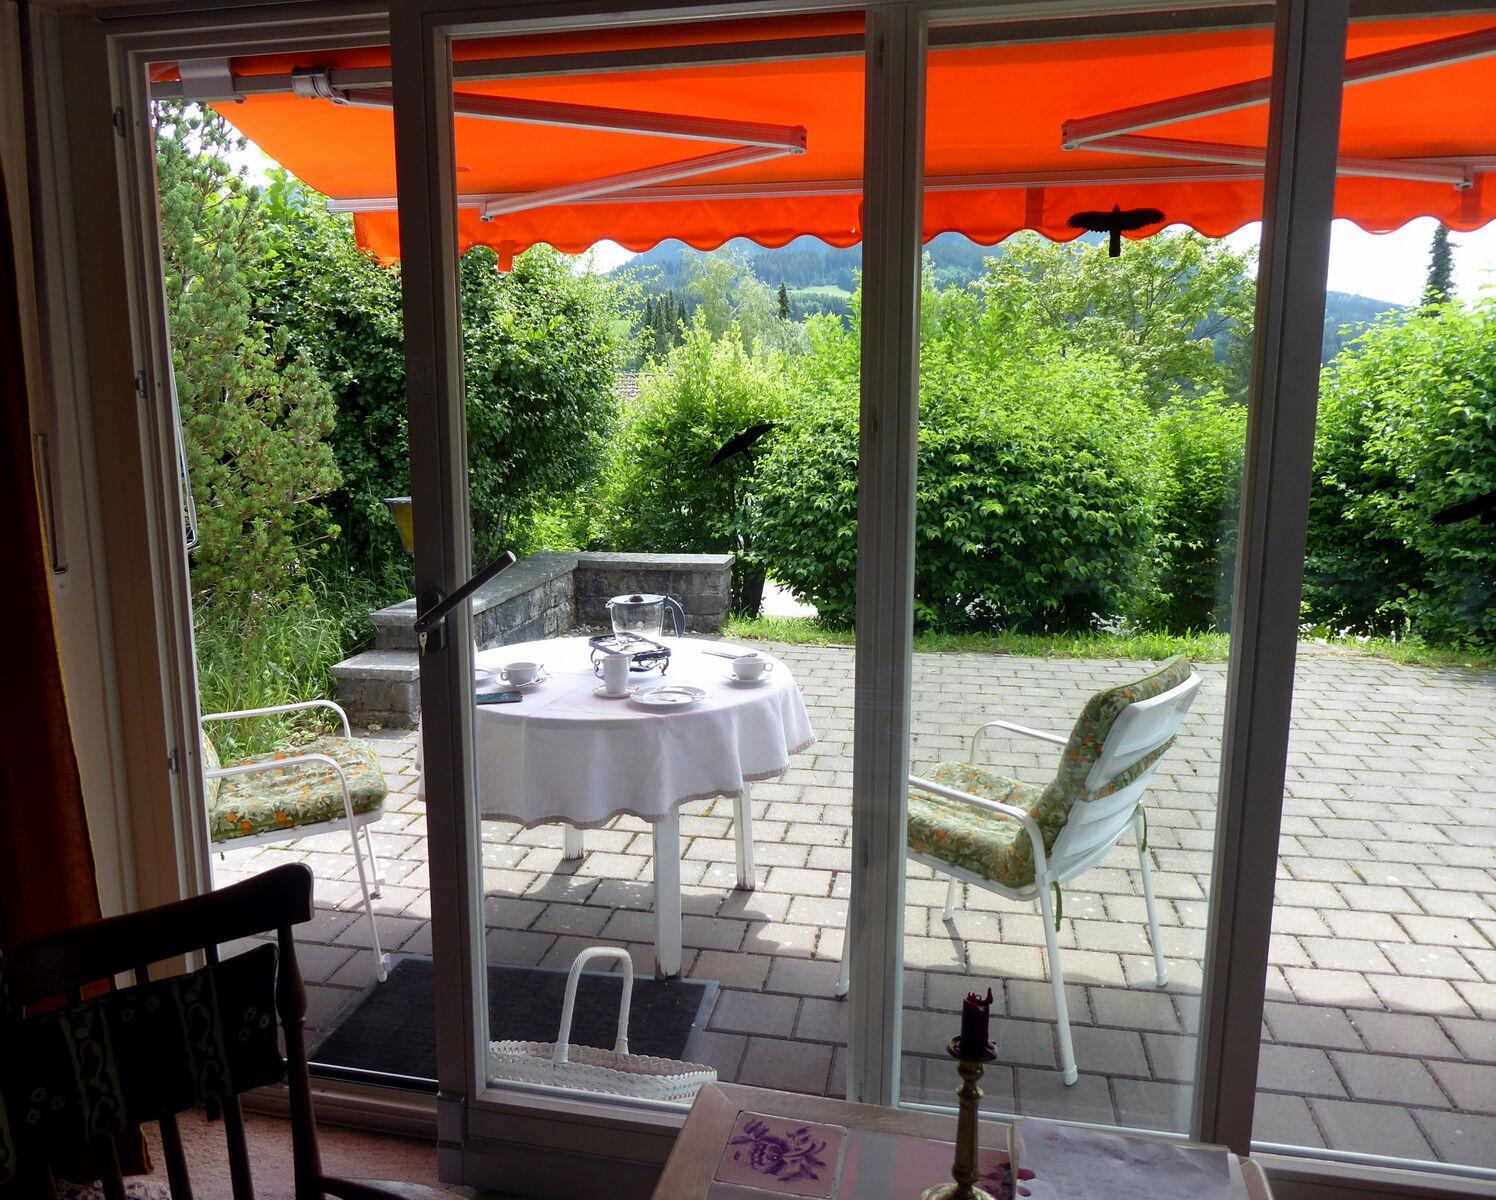 Blick auf Terrasse:Wunderschöner Sommertag im Juli 2020